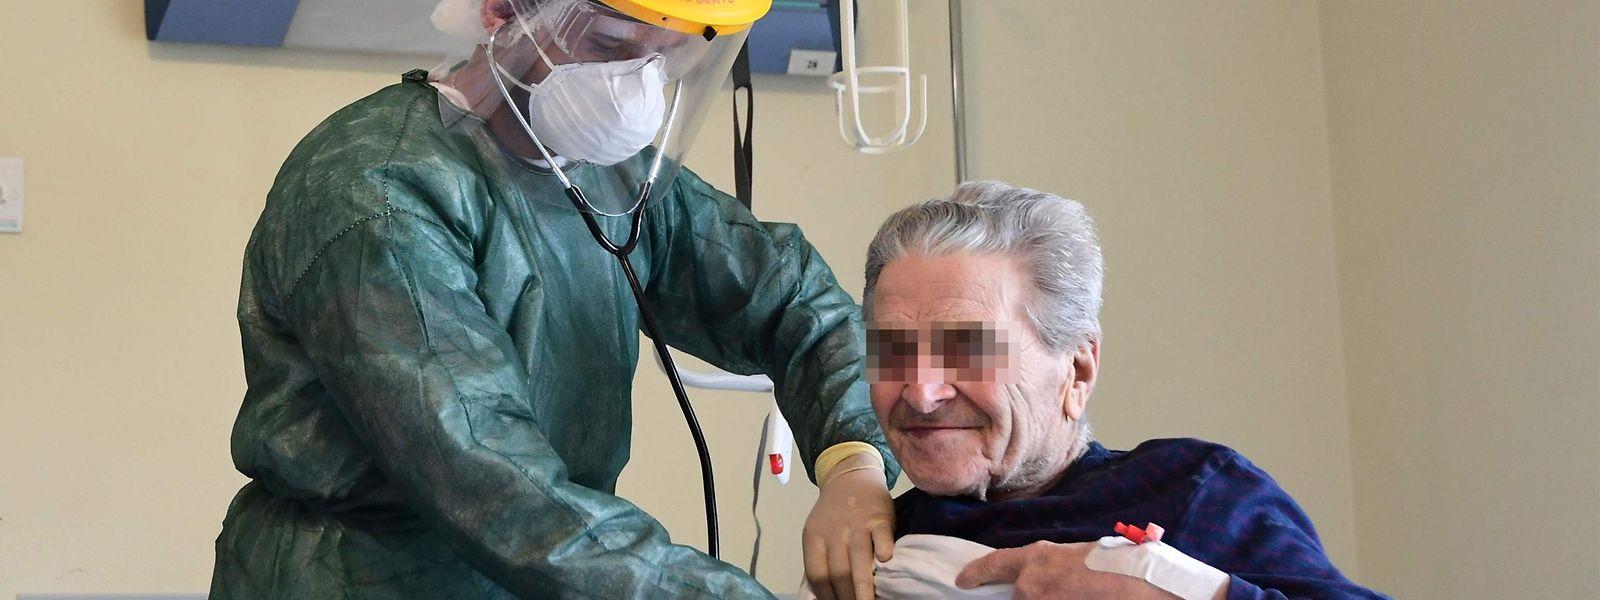 51 malades atteints du covid-19 restent hospitalisés en soins normaux au Luxembourg.